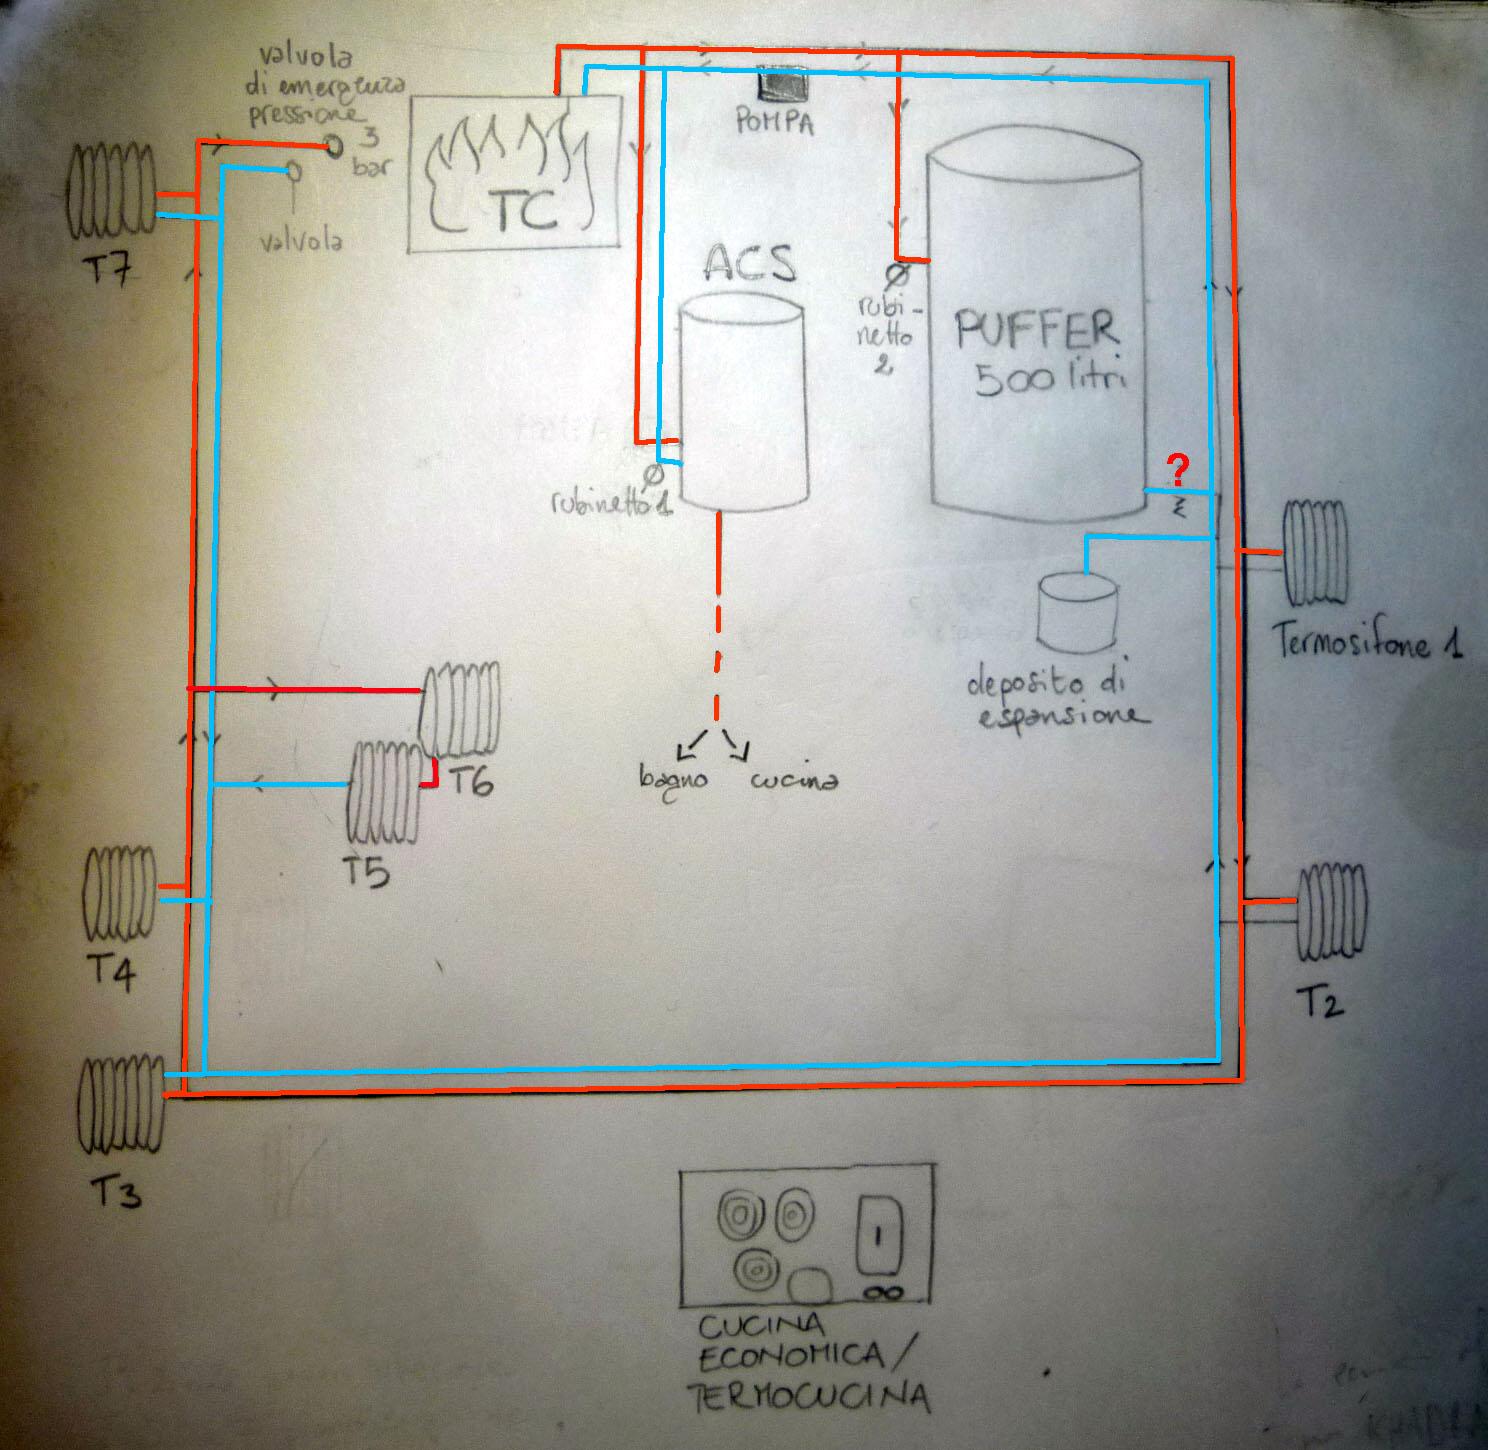 Impianto amatoriale con termocamino e puffer non for Disegno impianto riscaldamento a termosifoni